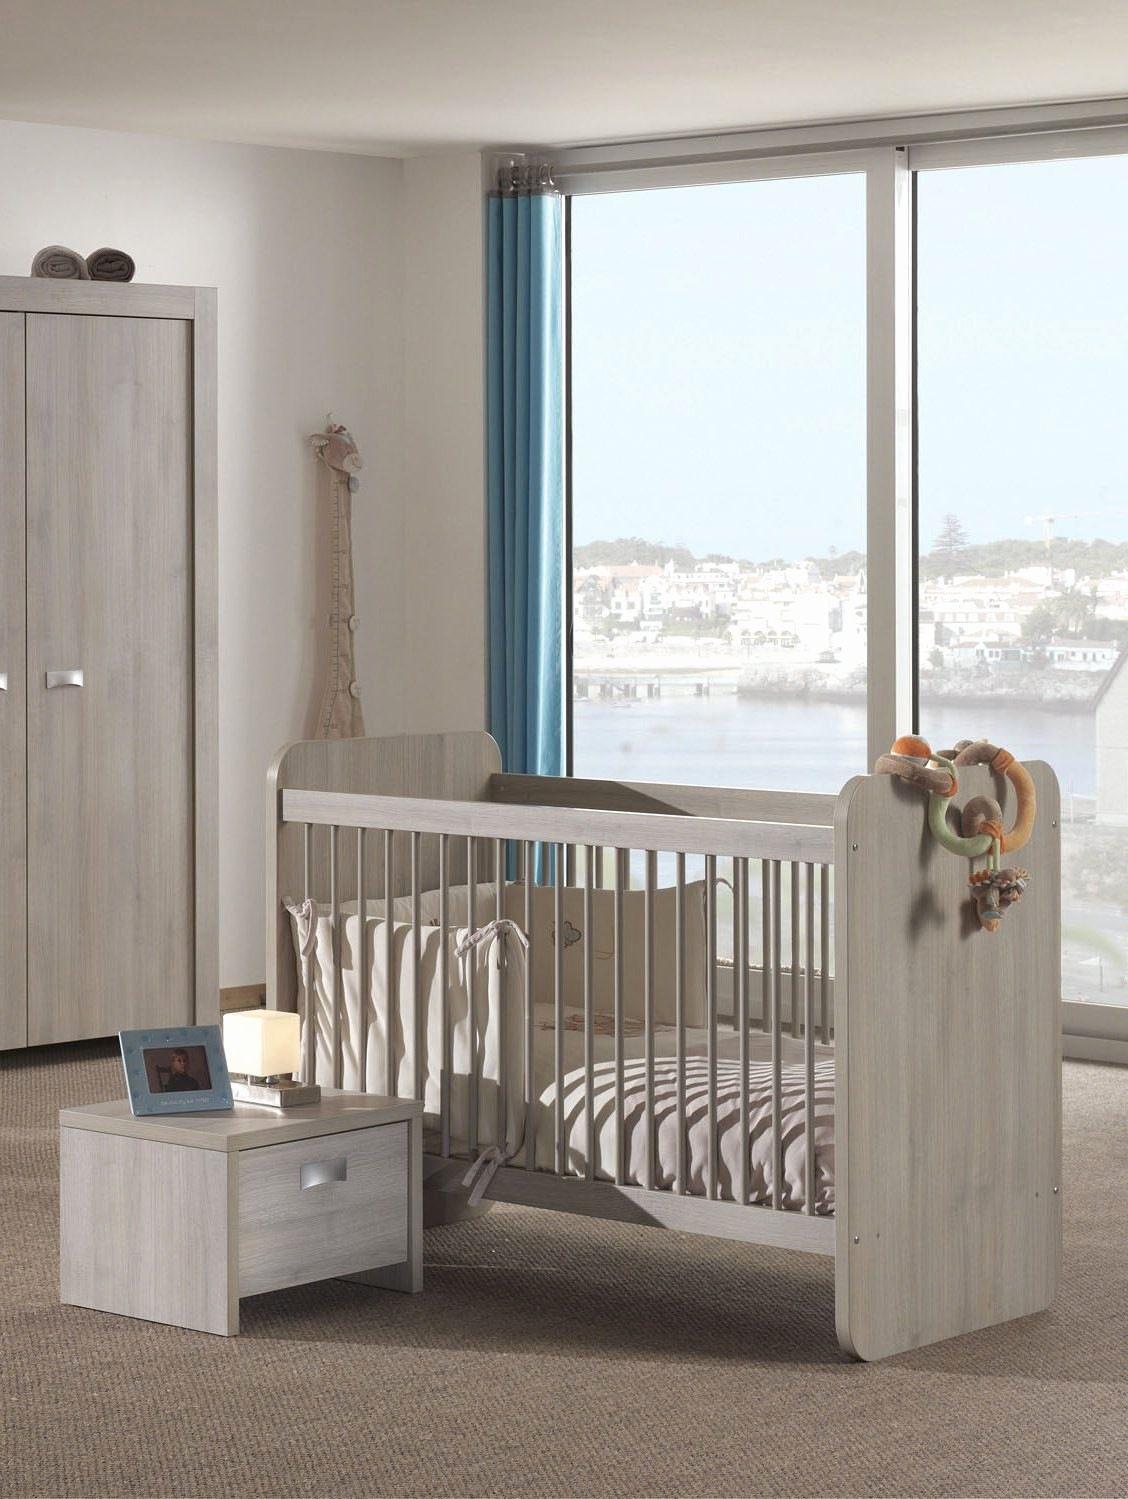 Lit Bébé Au sol Nouveau Lit Bébé Design Matelas Pour Bébé Conception Impressionnante Parc B